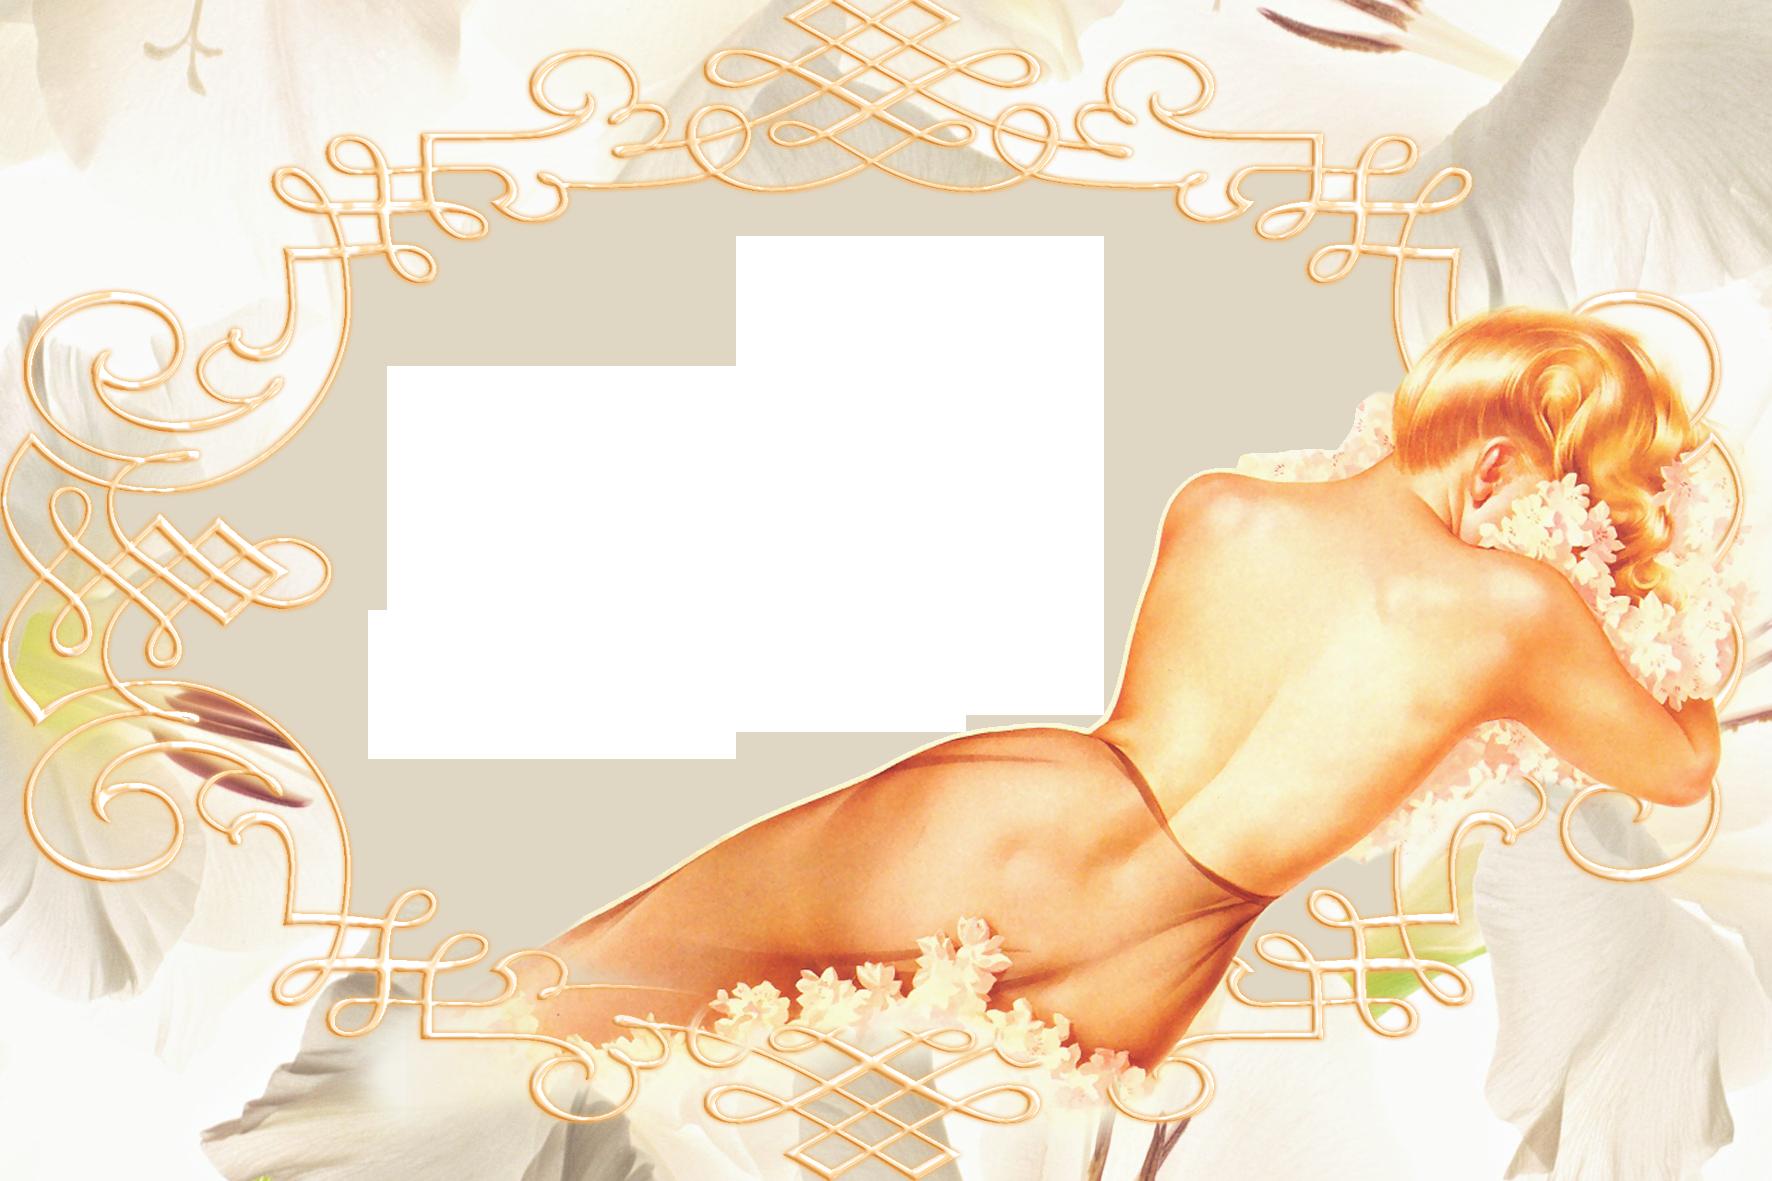 Мужские эротические шаблоны для фотошопа